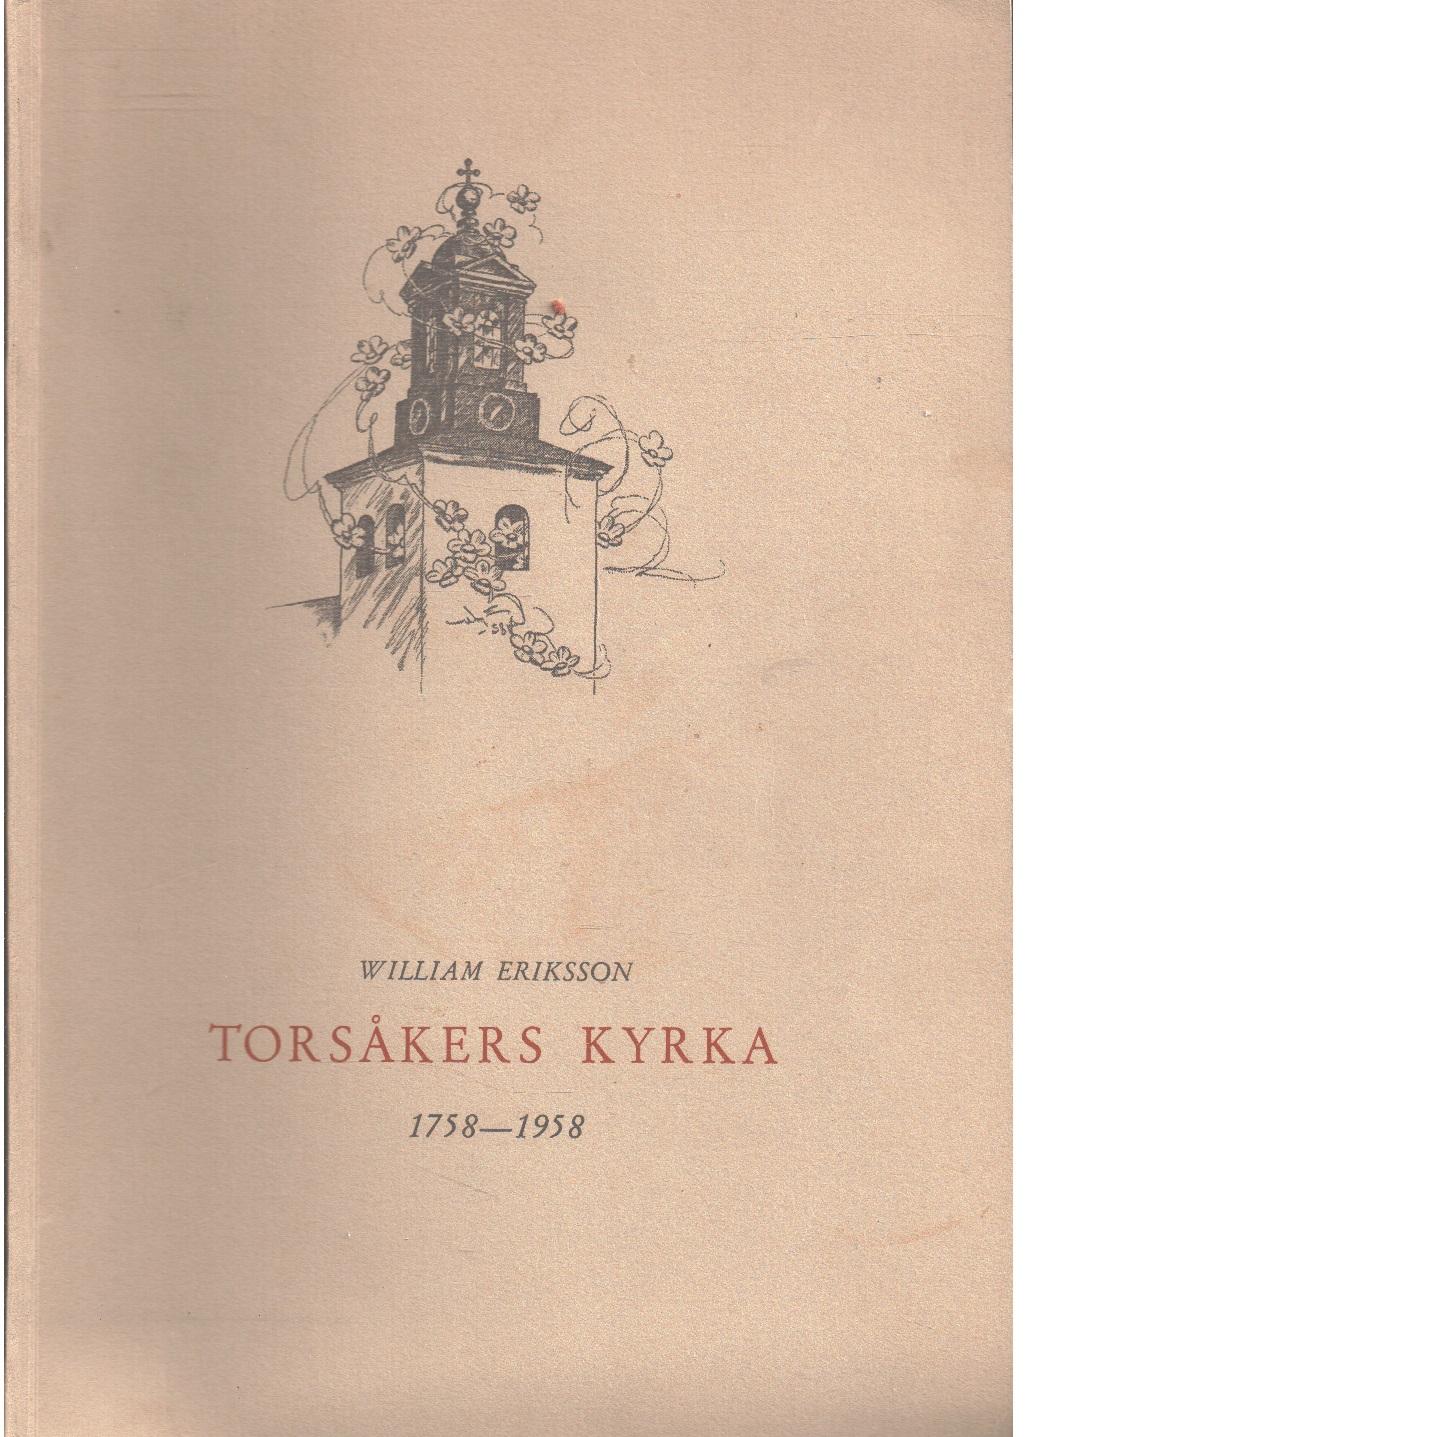 Torsåkers kyrka 1758-1958 - Eriksson, William